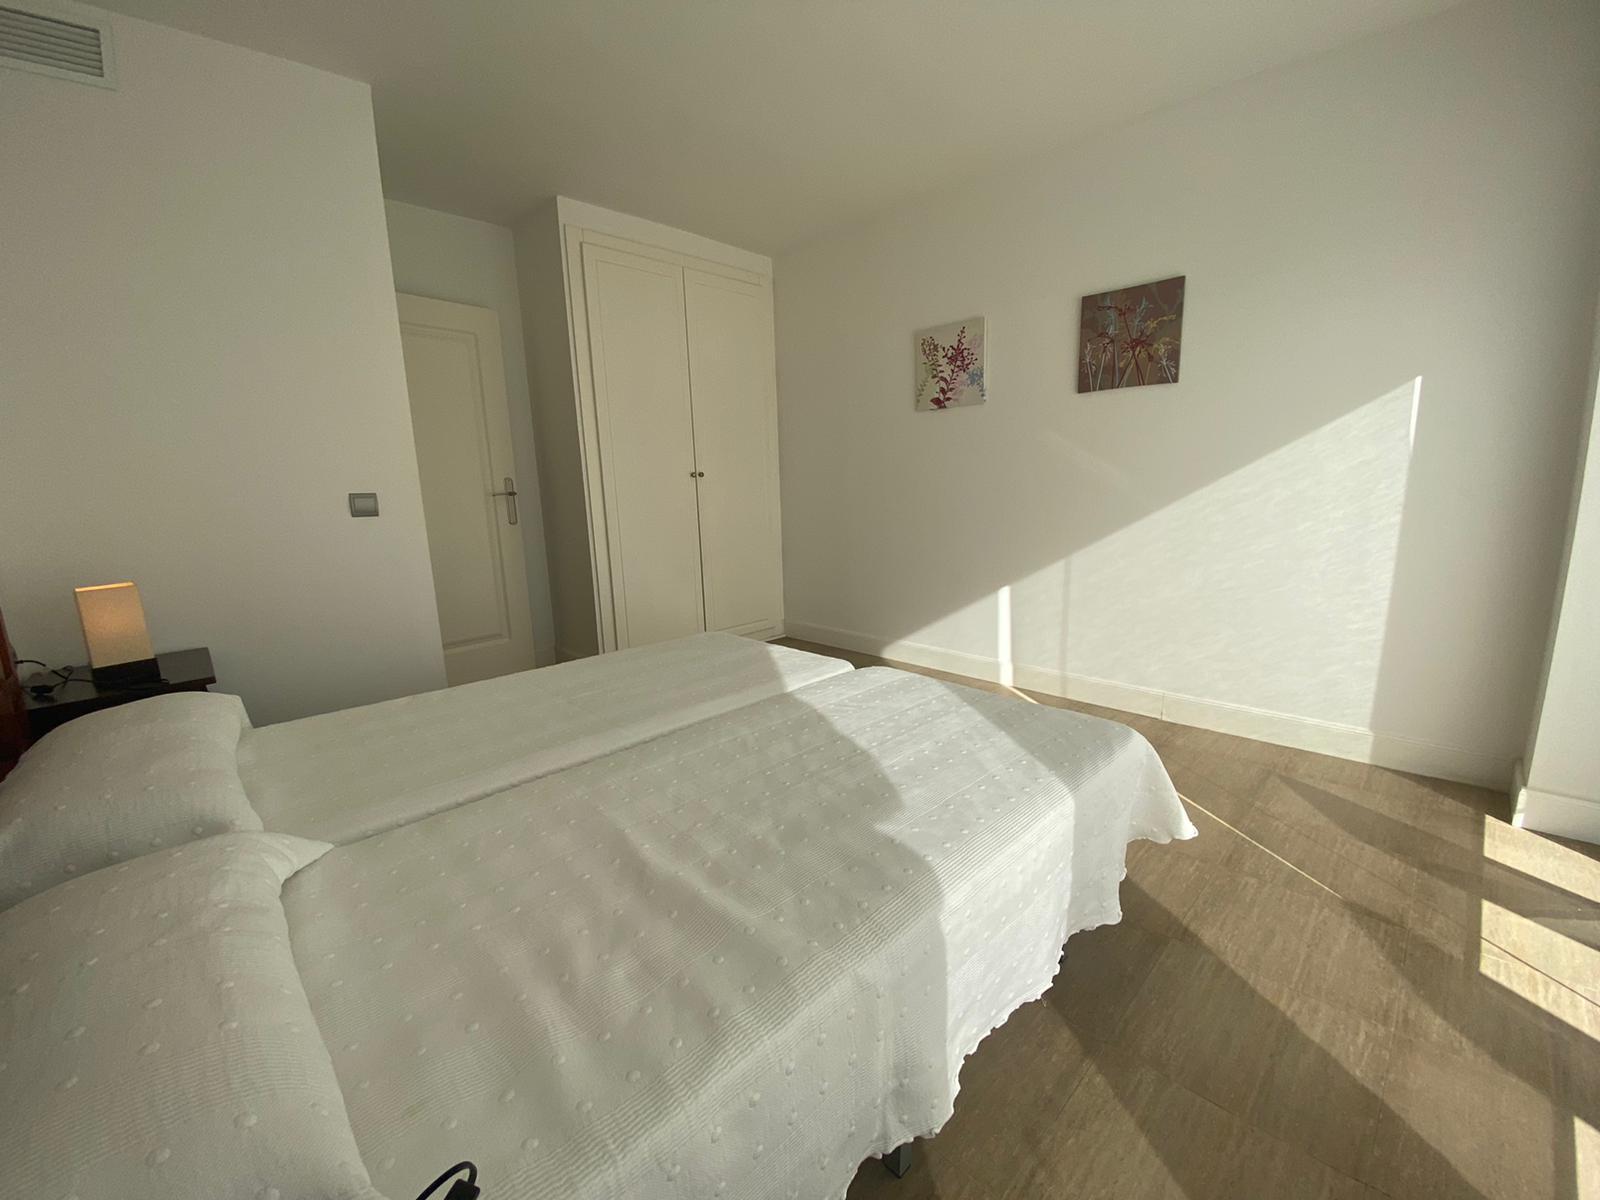 Imagen 35 del Apartamento Turístico, Ático 1 Levante (3d+2b), Punta del Moral (HUELVA), Paseo de la Cruz nº22